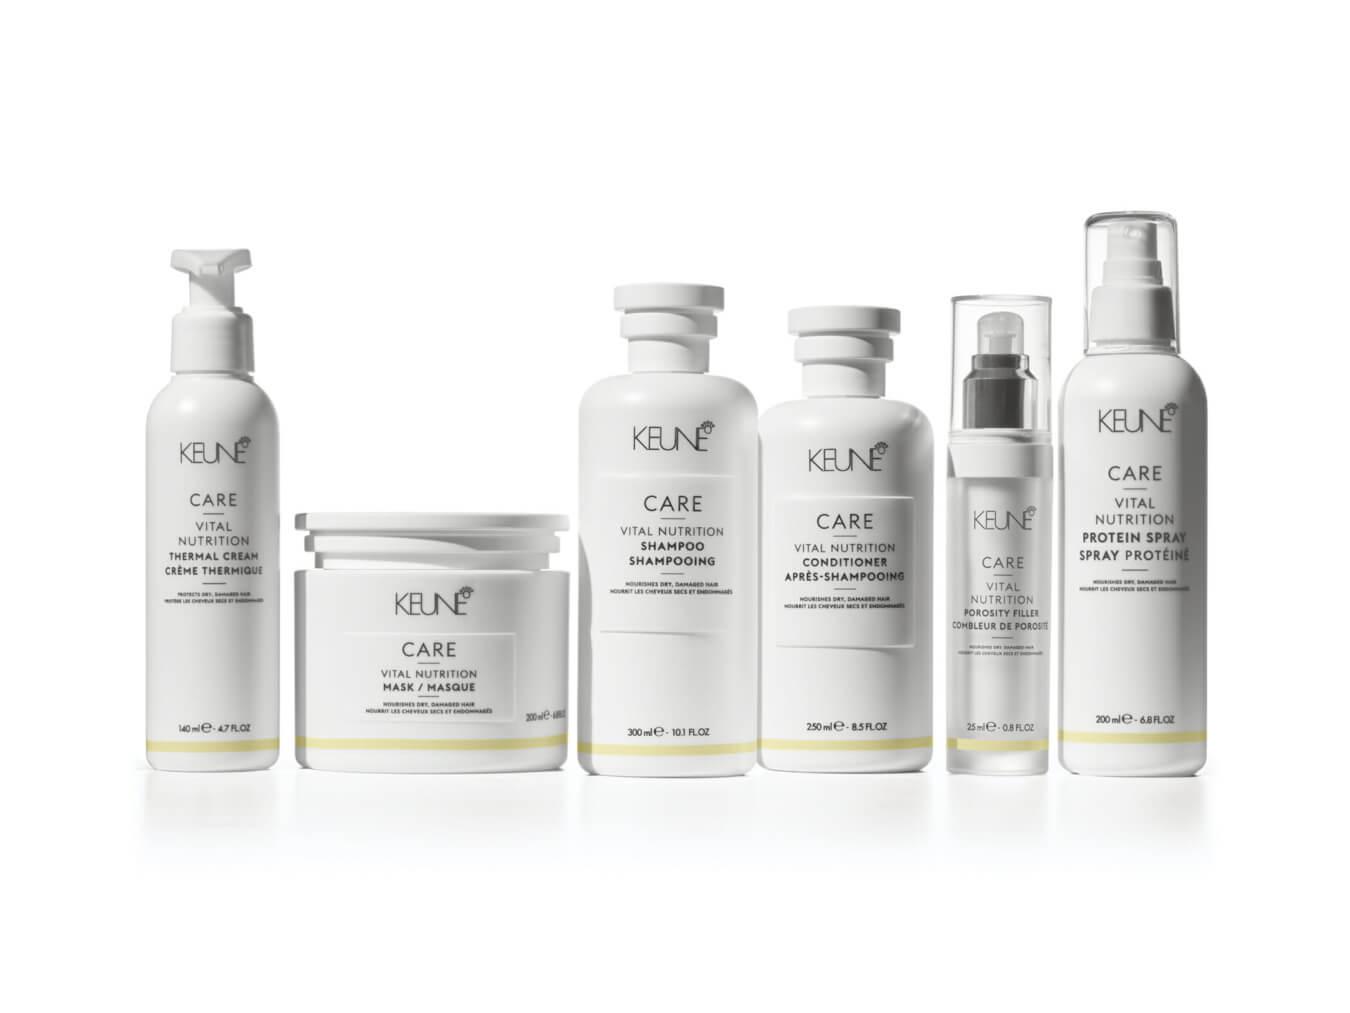 Mit den richtigen Haarprodukten erhalten Sie glänzendes Haar. Hochwertige Qualität finden Sie bei Keune Care Vital Nutrition.